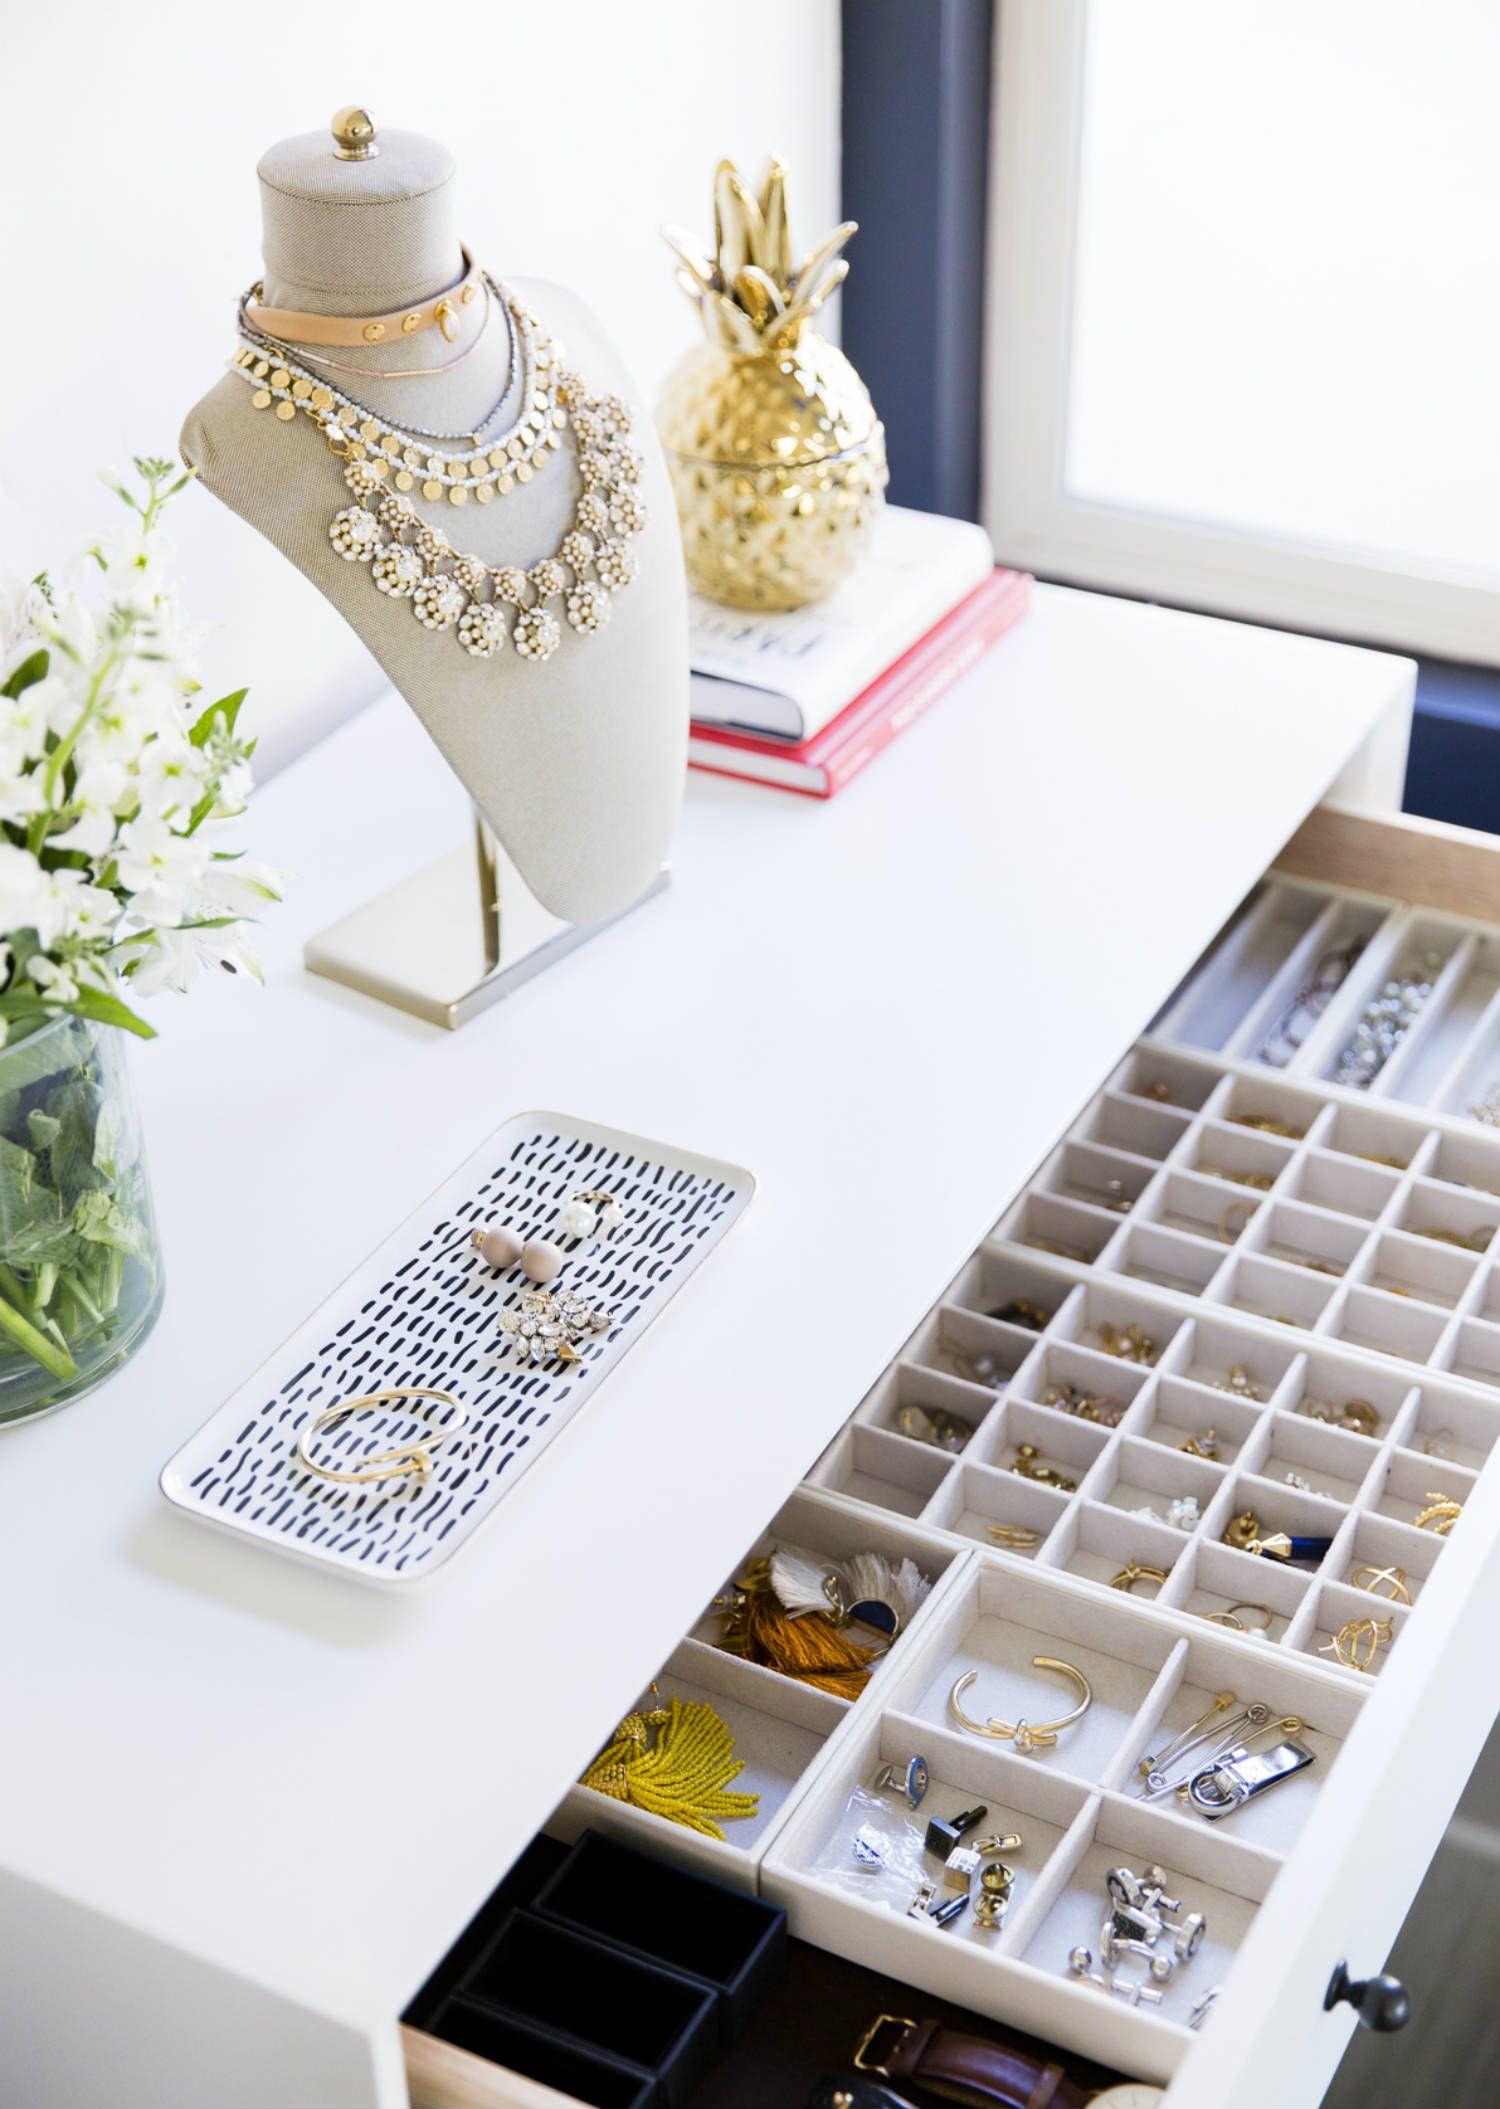 Step Into My Bedroom Blank Itinerary Jewelry Organizer Drawer Jewellery Storage Jewelry Drawer